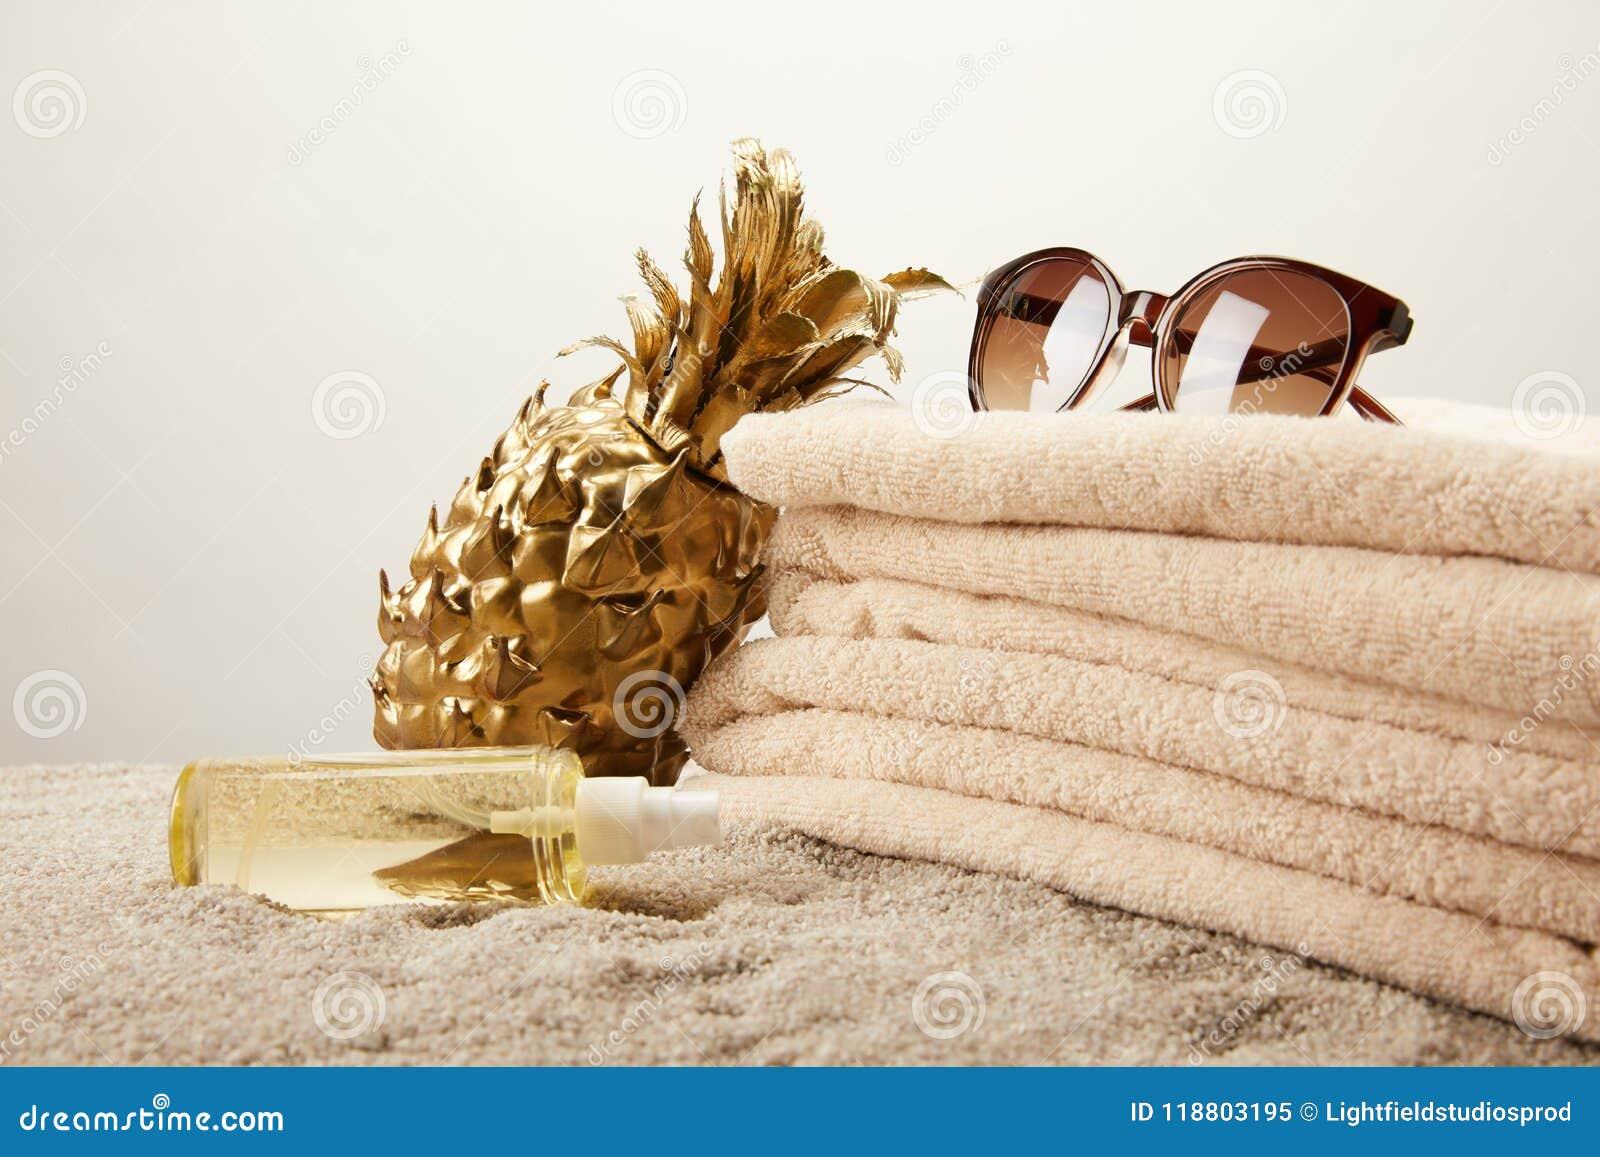 κλείστε επάνω την άποψη του σωρού των πετσετών, των γυαλιών ηλίου, του ελαίου μαυρίσματος και του χρυσού διακοσμητικού ανανά στην